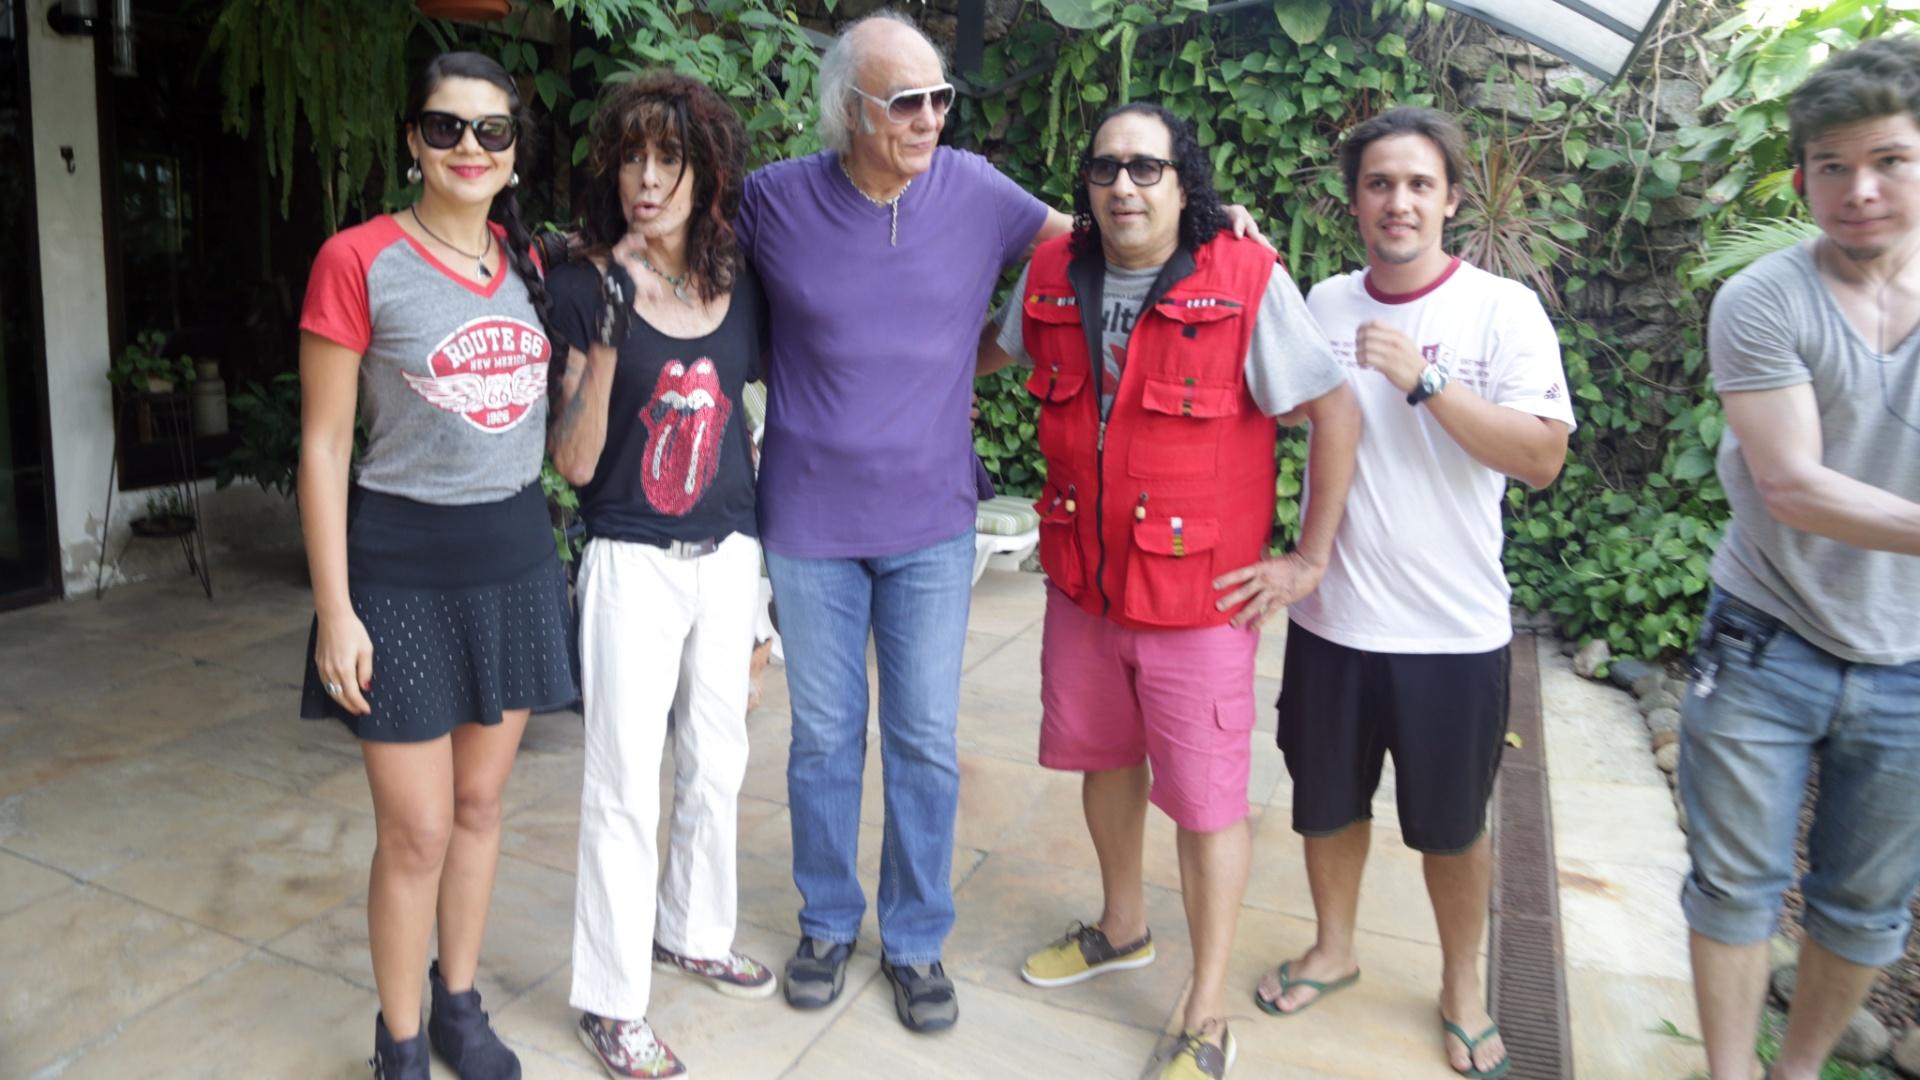 5.jan.2015 - Serguei grava cenas do filme na casa do Erasmo Carlos, na Barra da Tijuca, no Rio de Janeiro